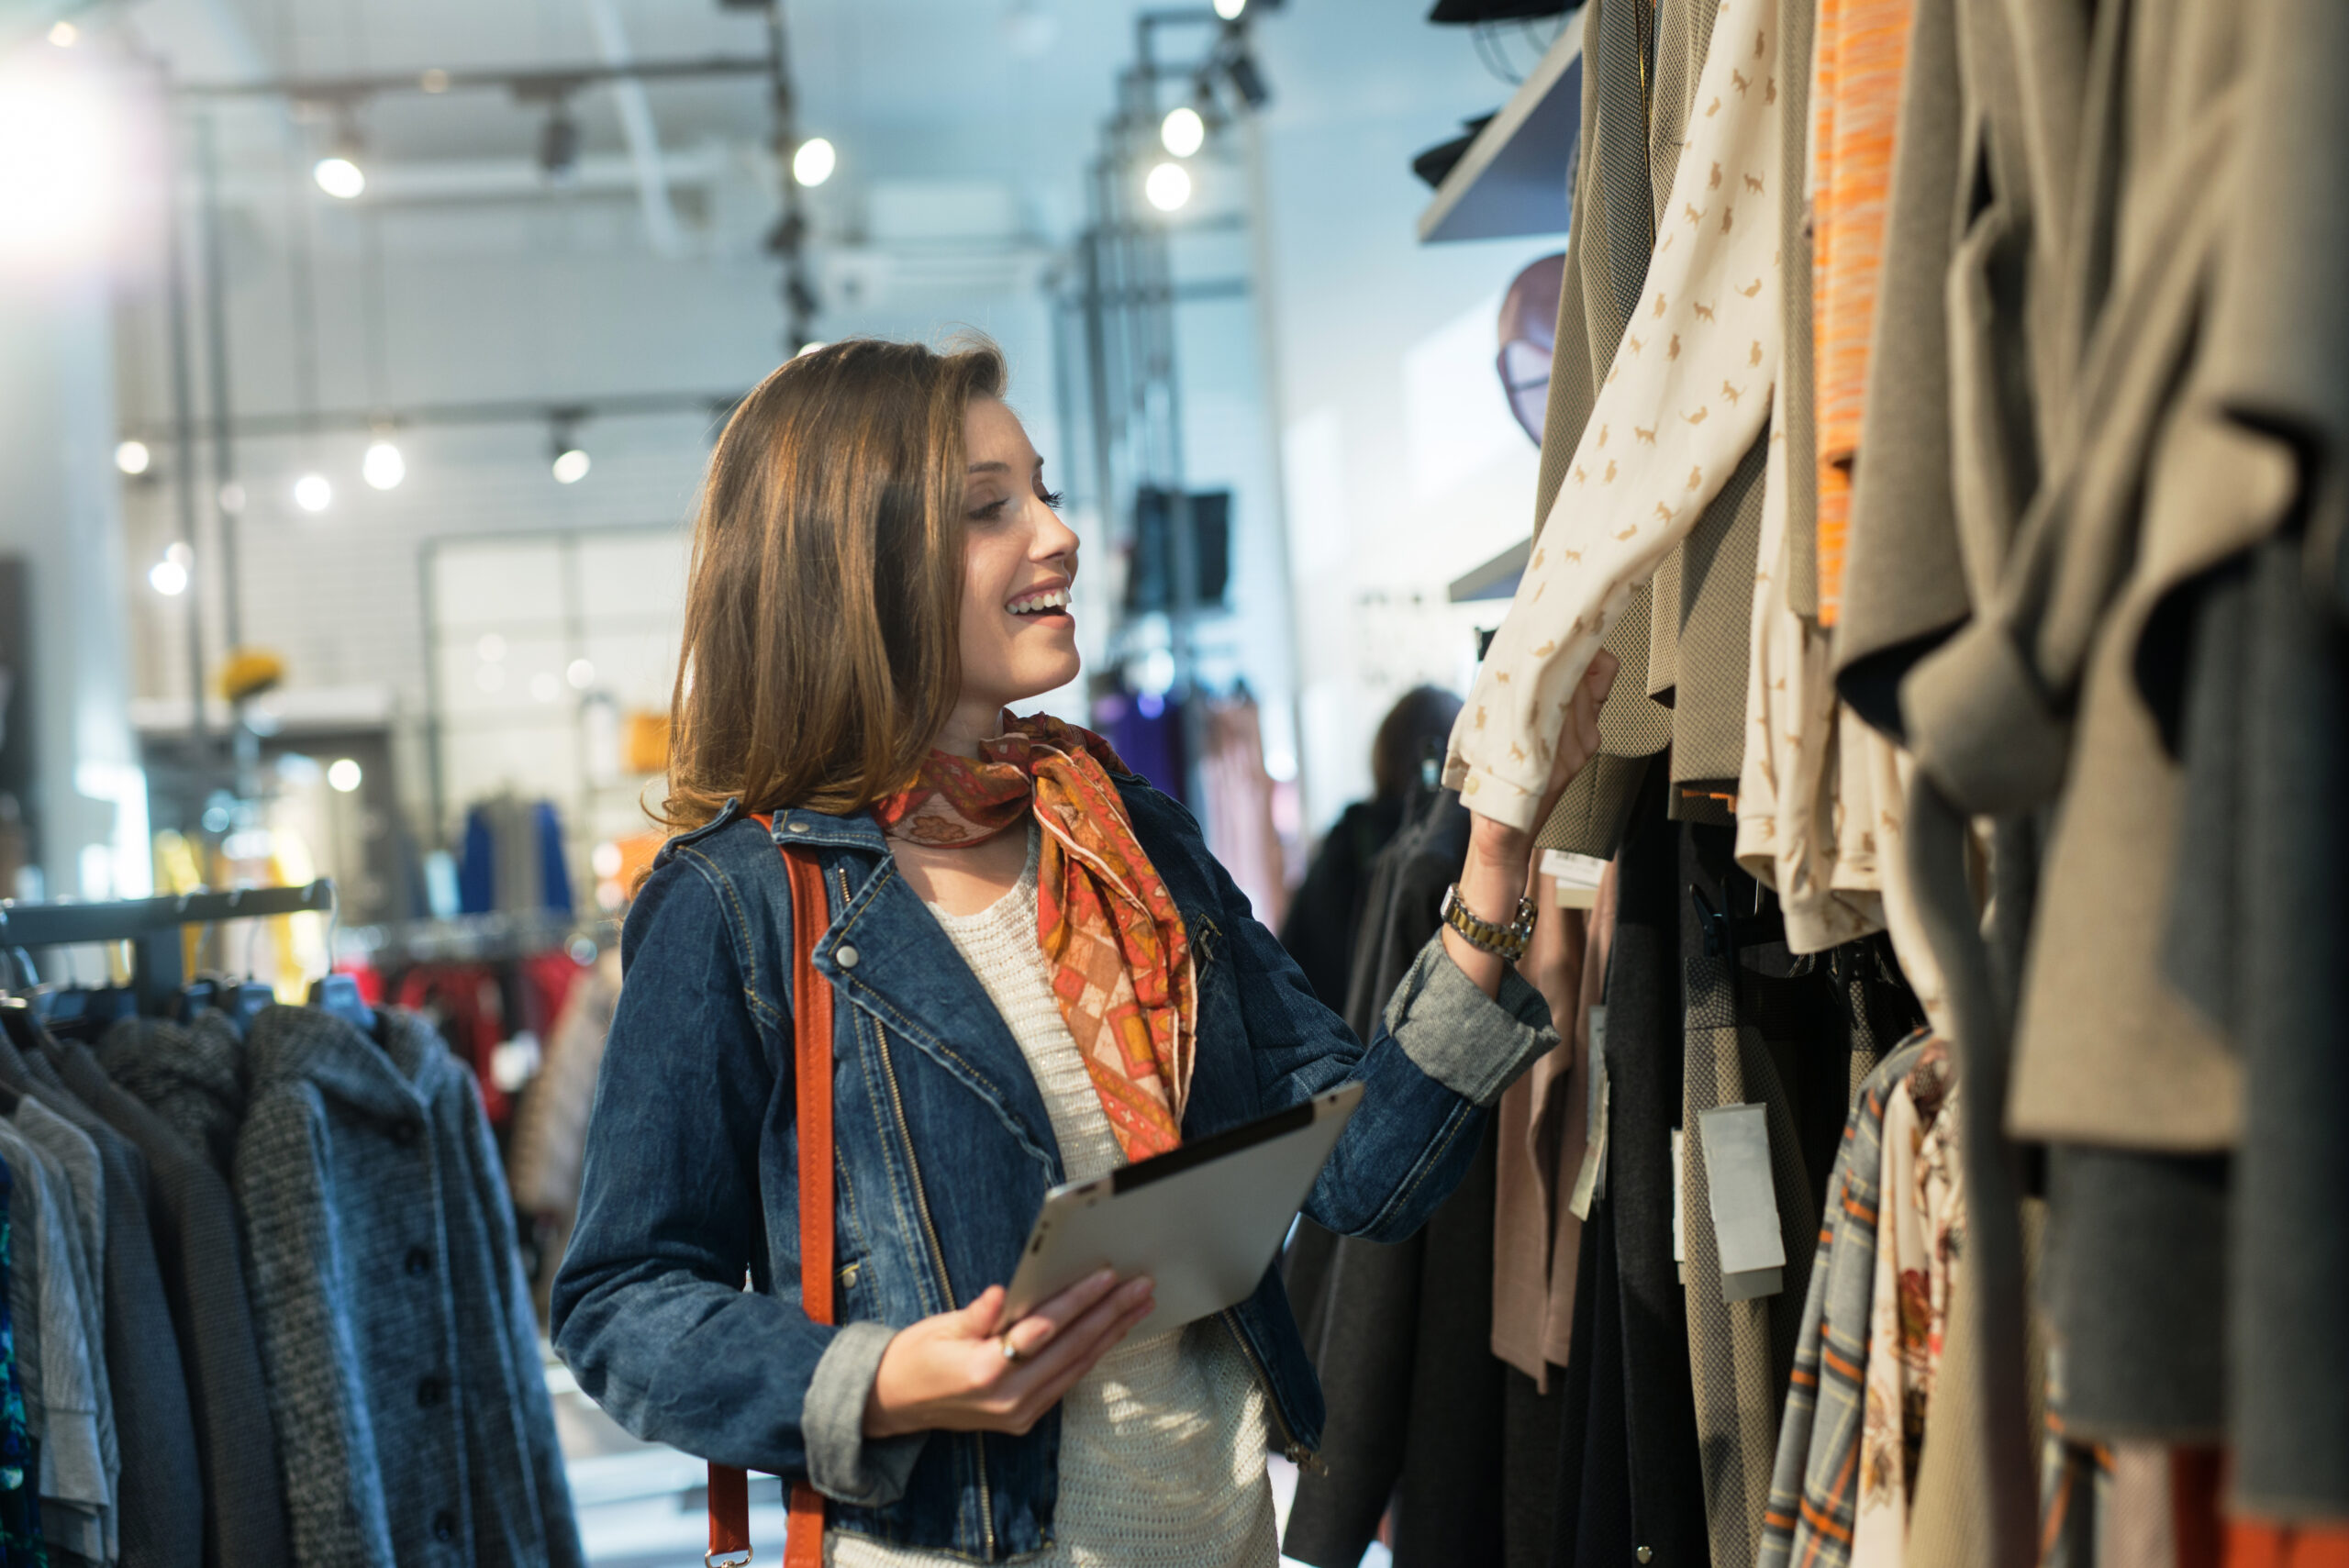 Negozio d'abbigliamento: come Facebook può aiutarti a trovare nuovi clienti?